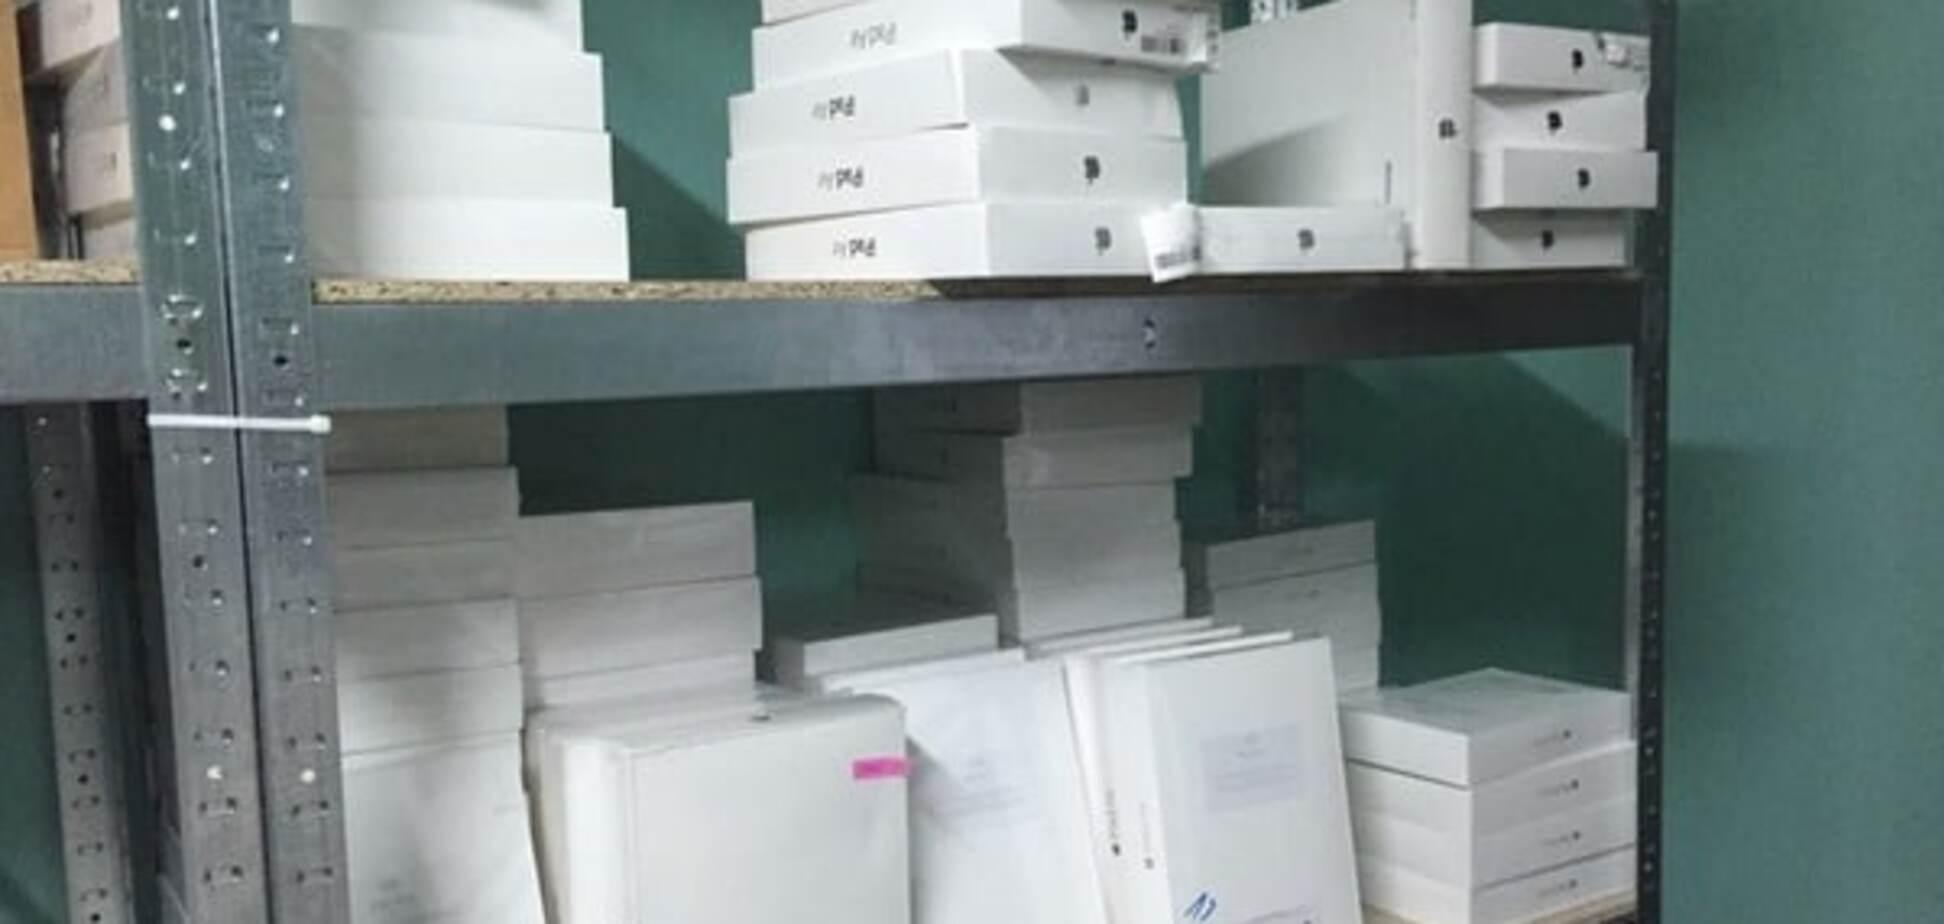 Податкова міліція нагрянула з обшуком в один з інтернет-магазинів Києва